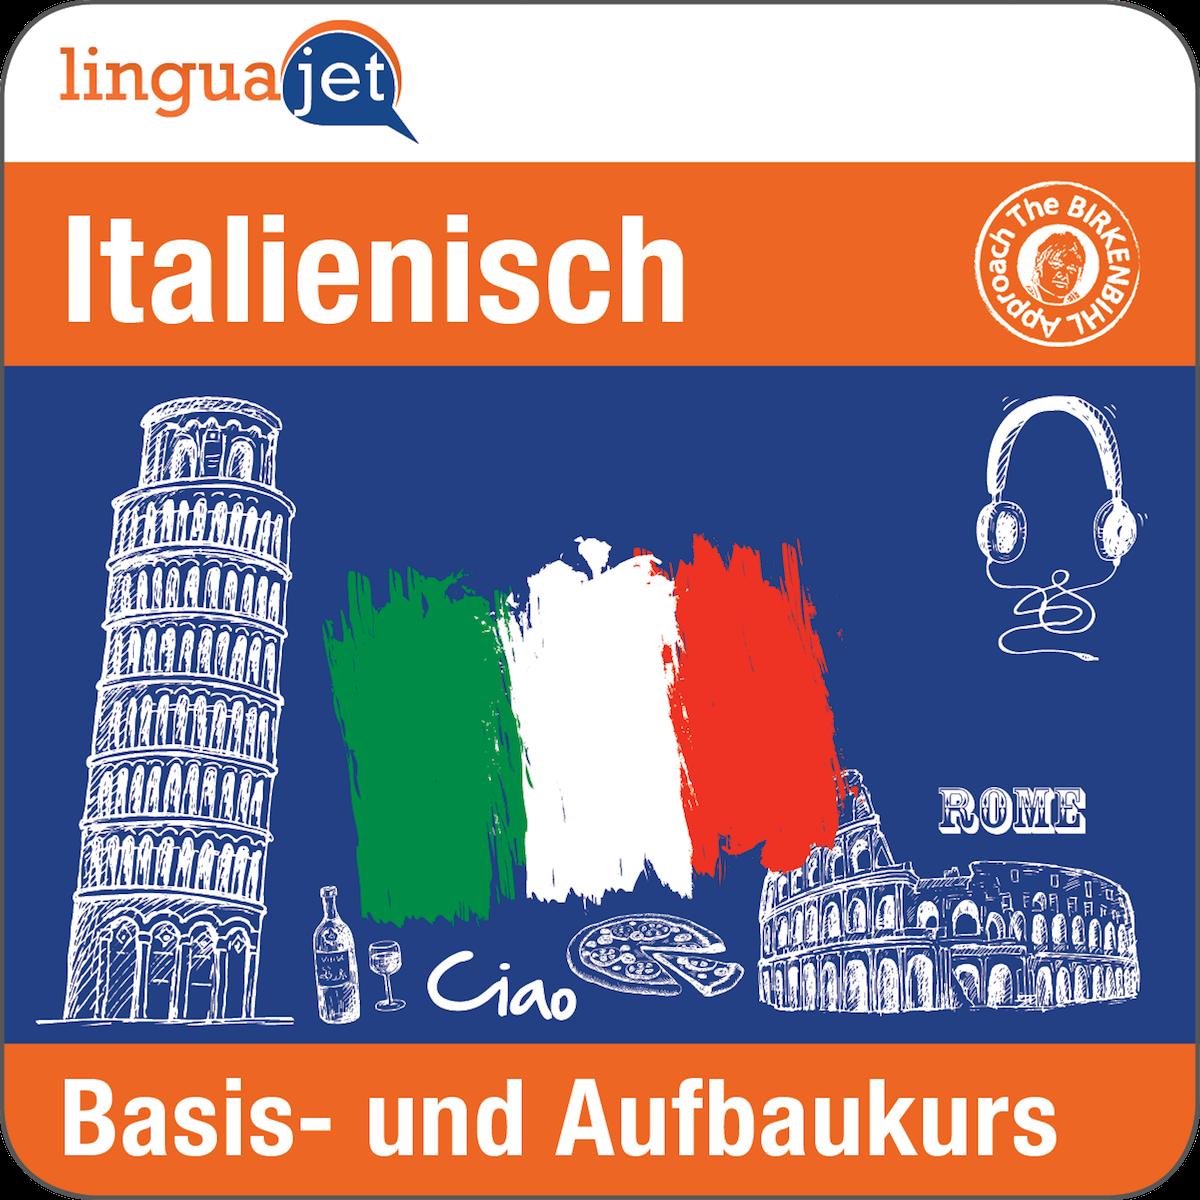 Mit der Kombination Basis und Aufbau beim online Italienischkurs sparen